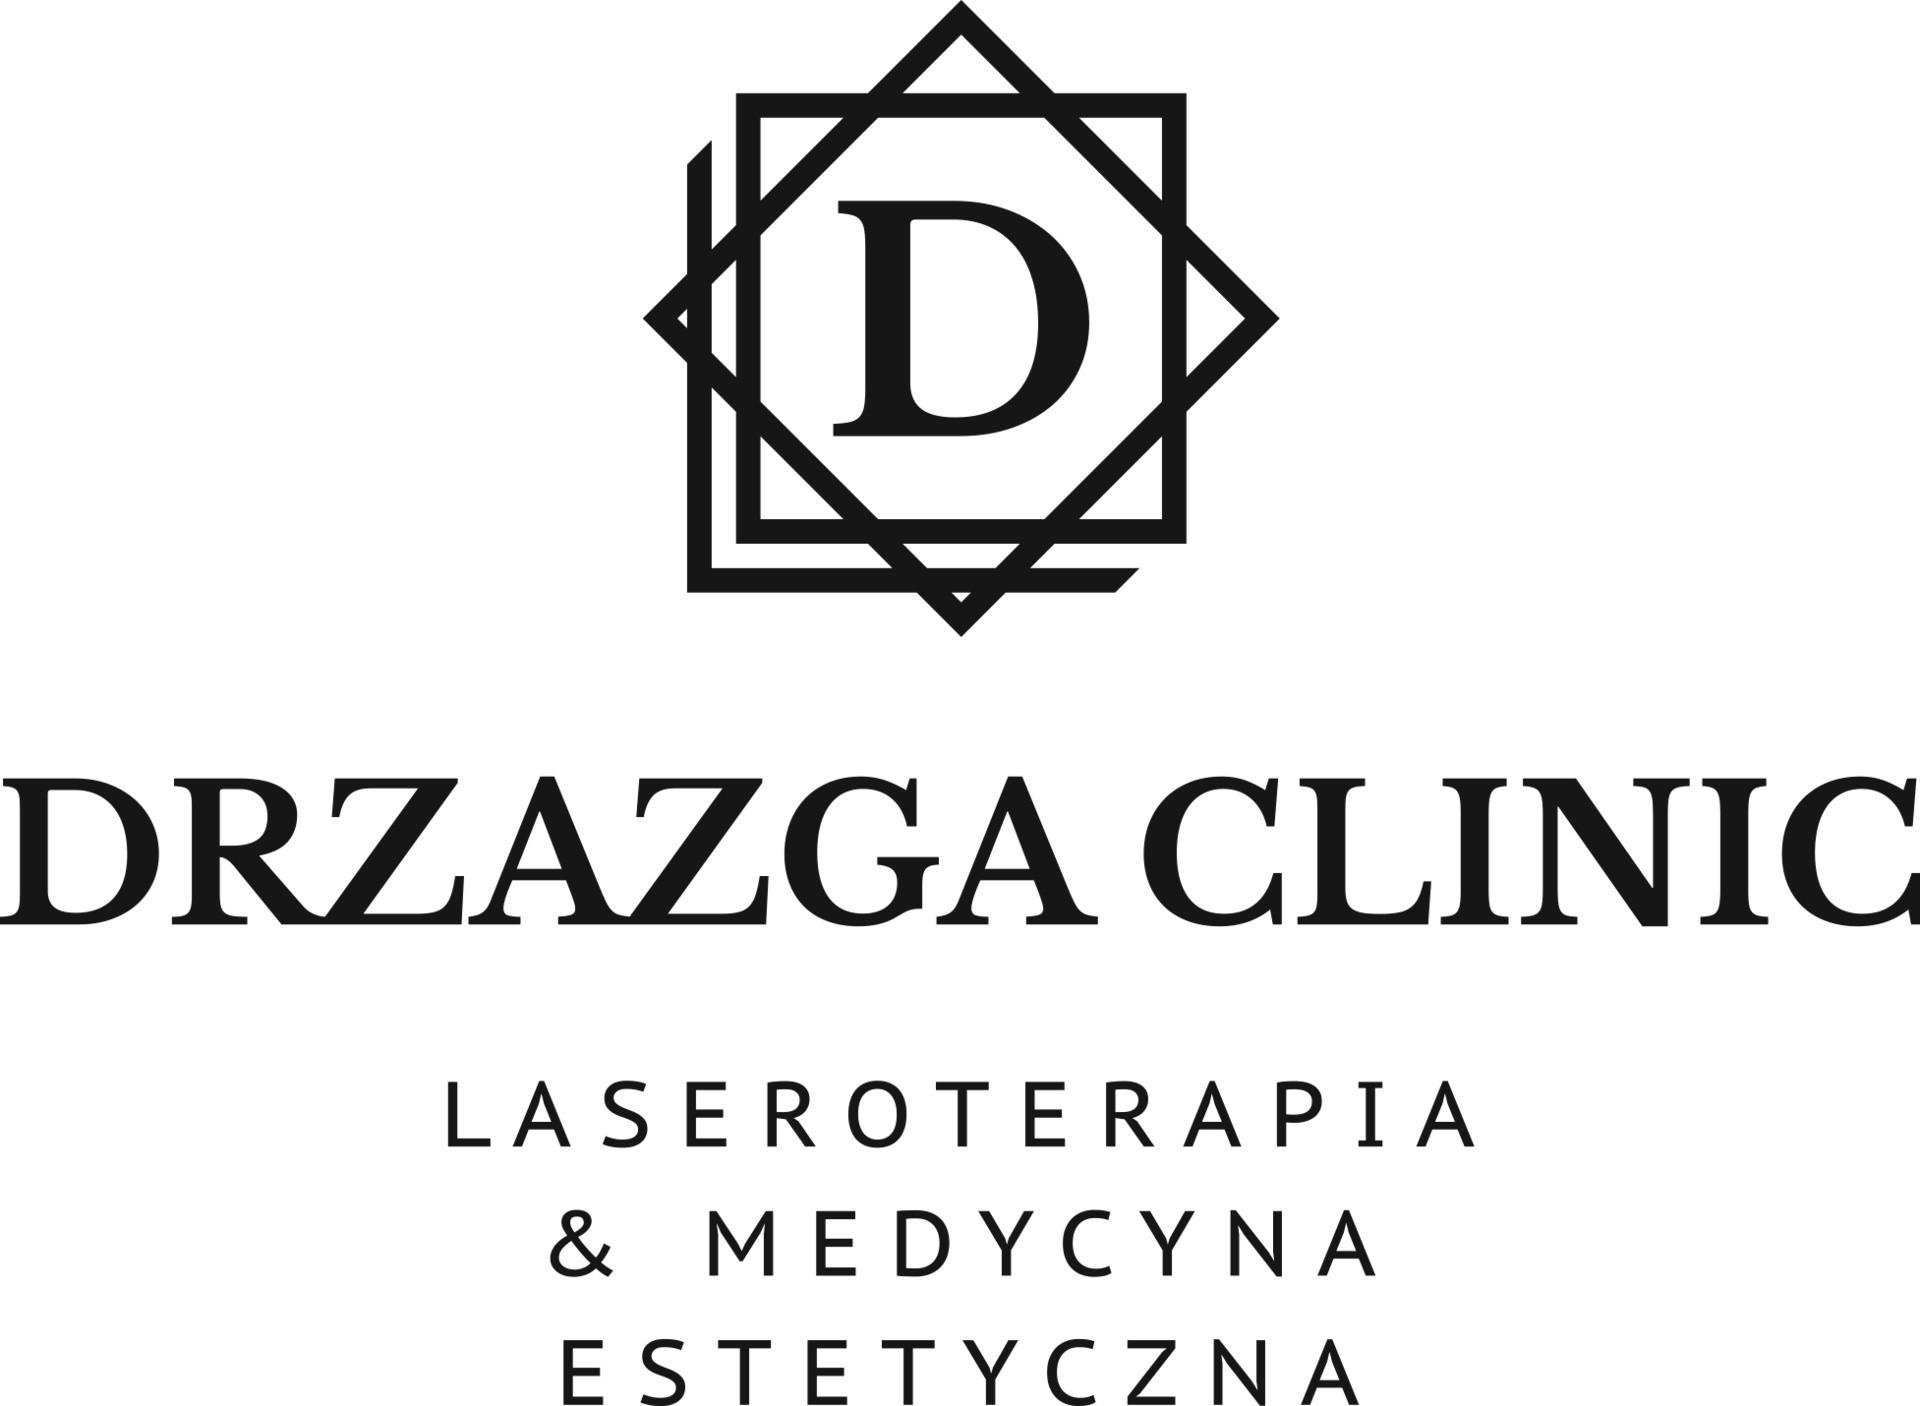 DRZAZGA